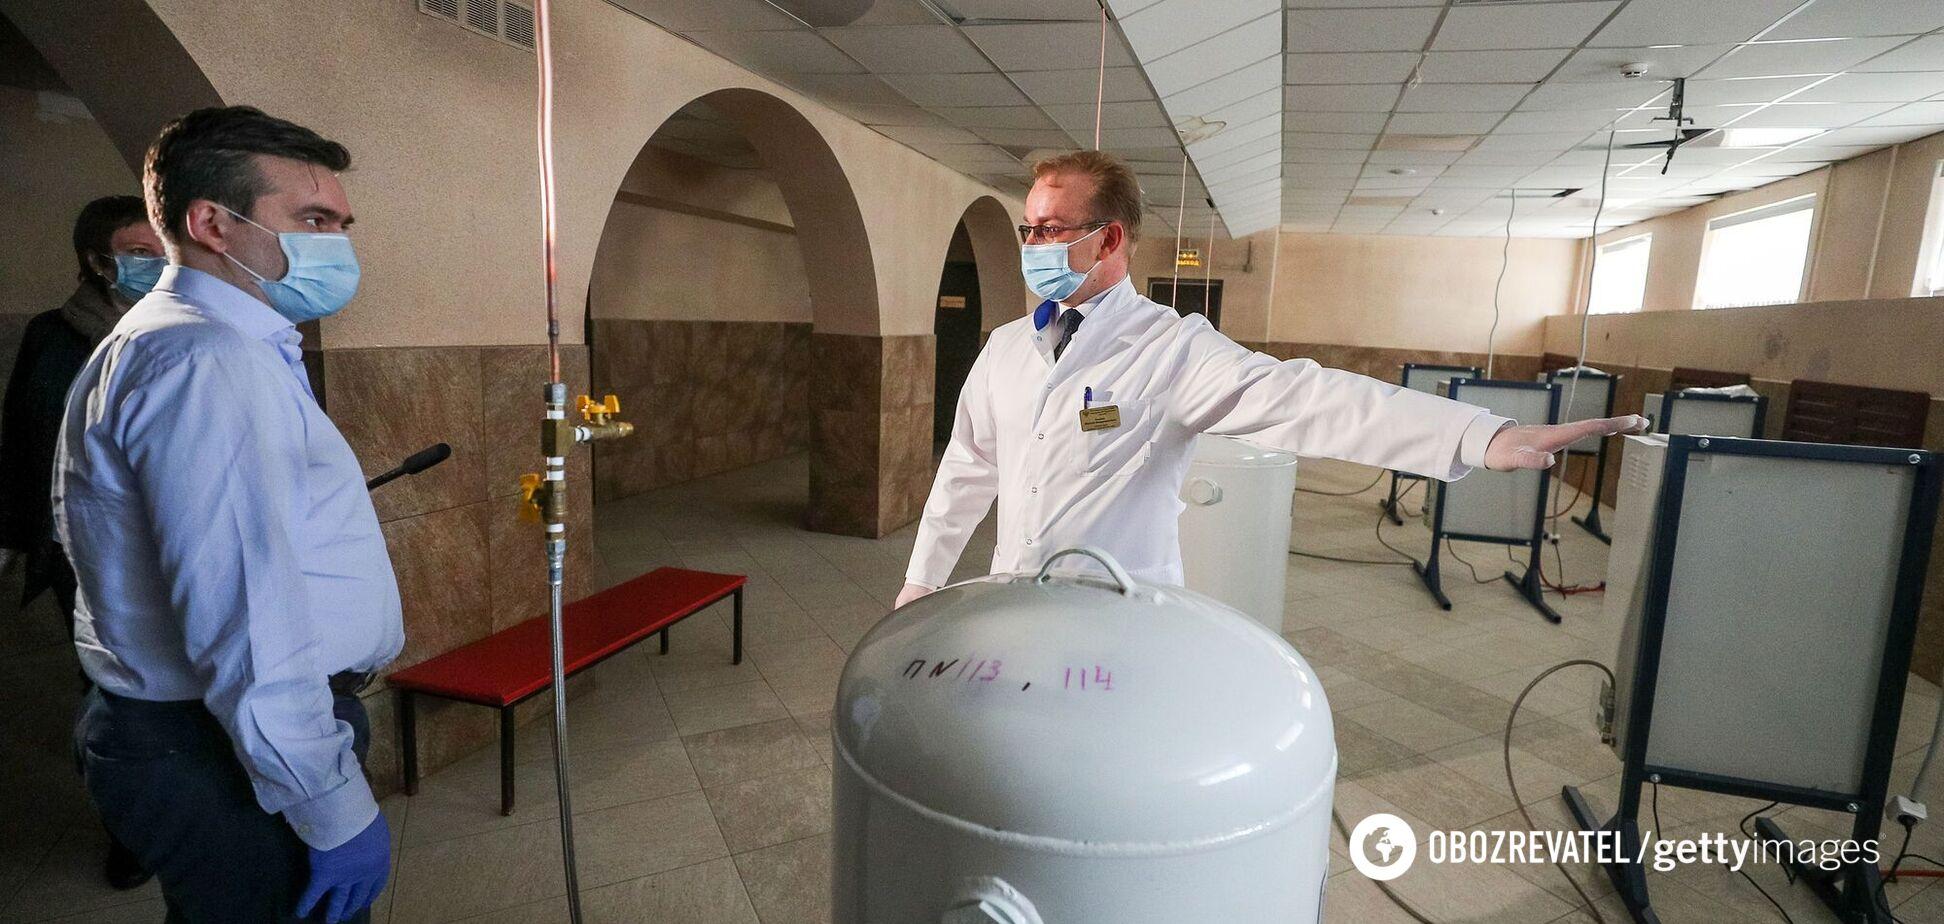 Журналіст за годину знайшов удвічі дешевші концентратори, ніж закупила лікарня. Фотофакт